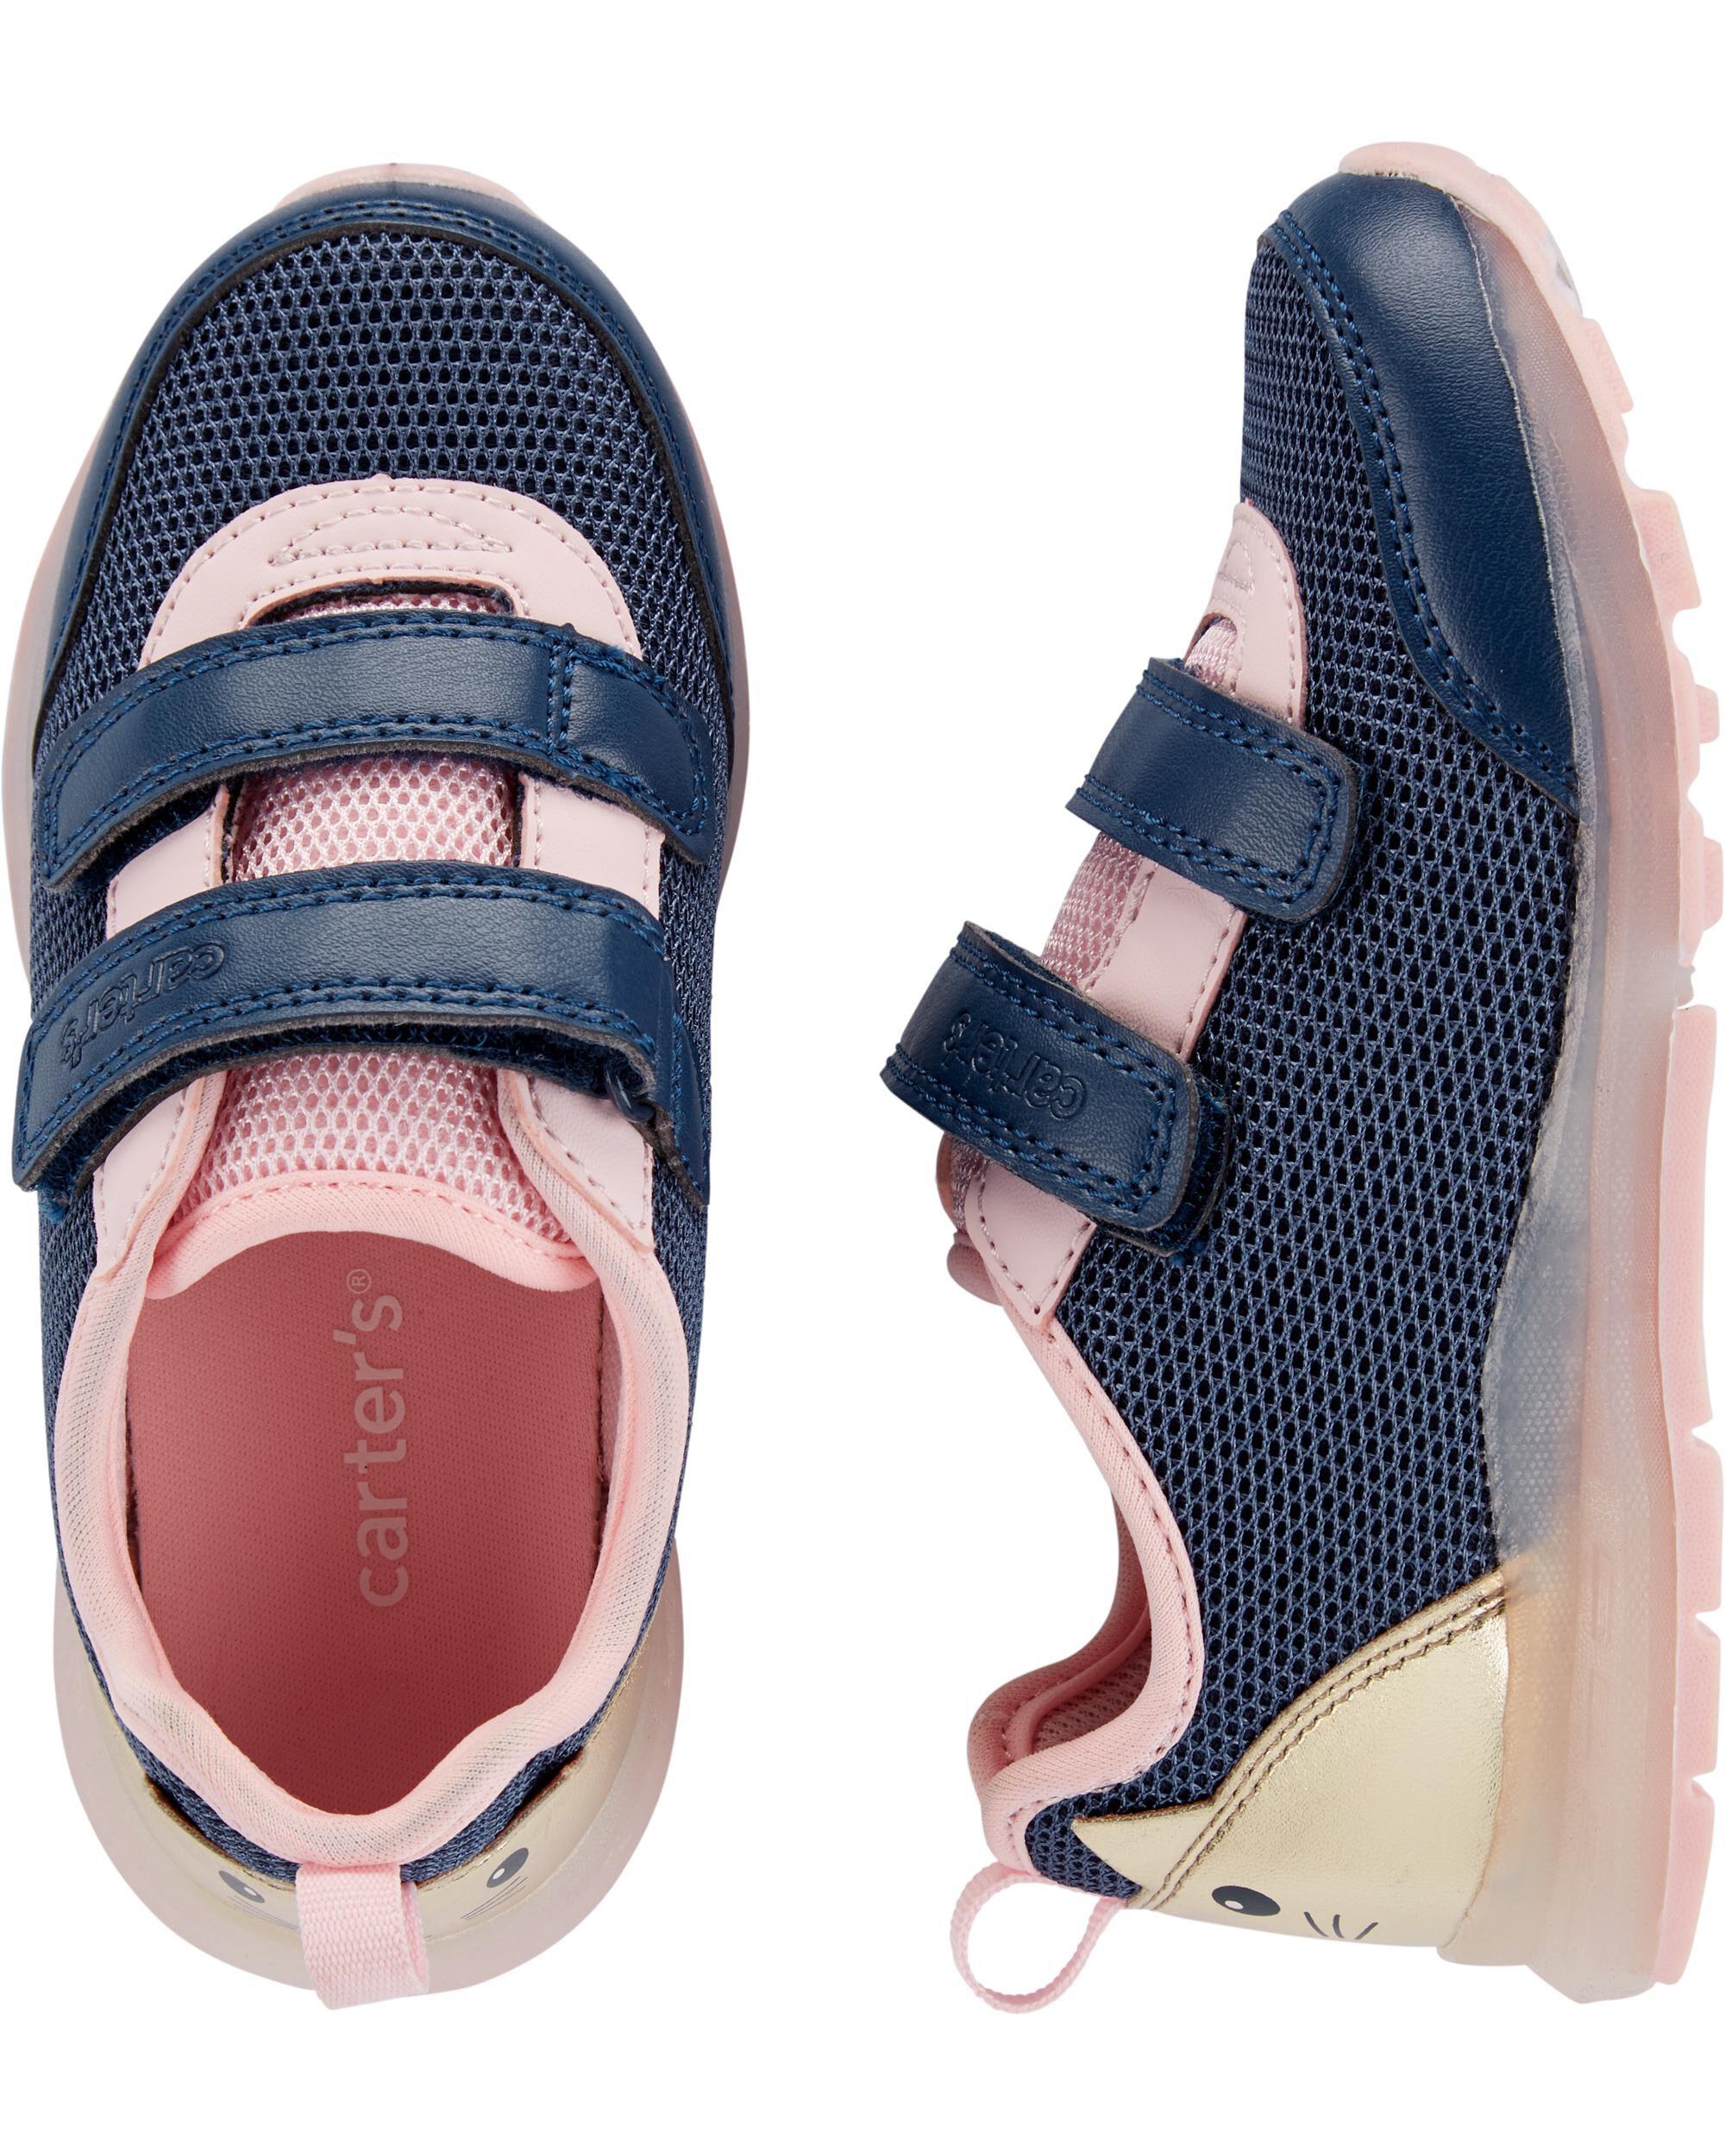 *DOORBUSTER* Carter's Light-Up Sneakers